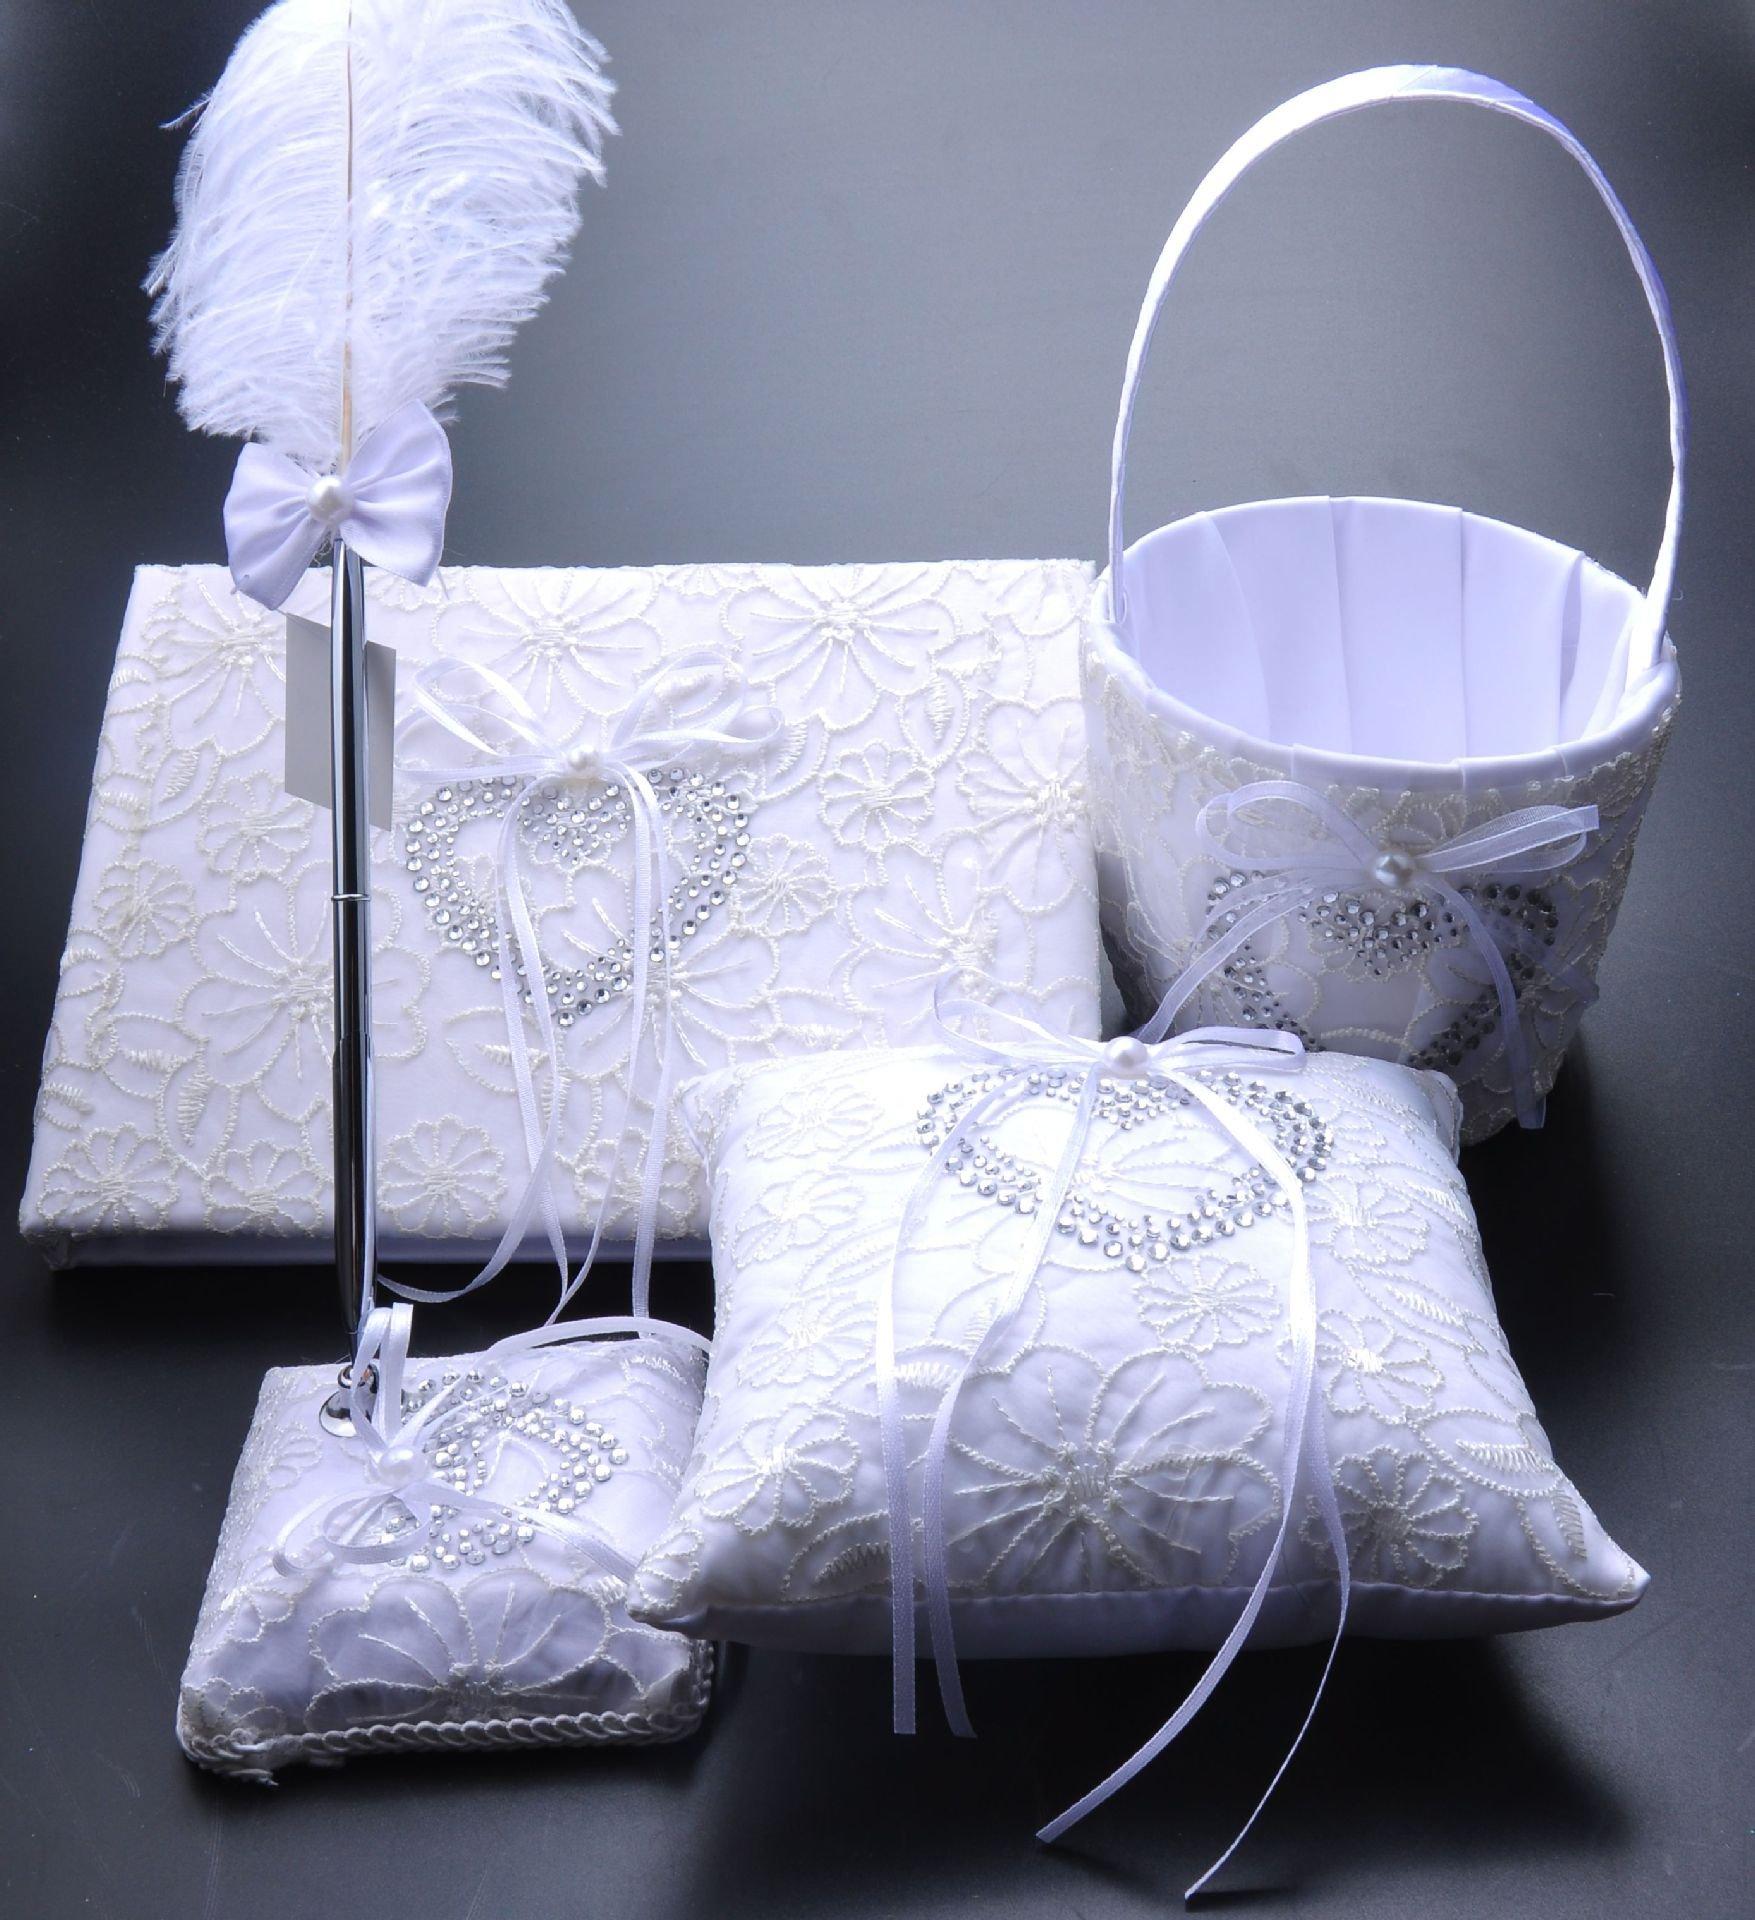 Dollbling Elegant White Lace Heart Rhinestones Decor Wedding Flower Girl Basket + Ring Pillow +Guest Book + Pen Holder Set